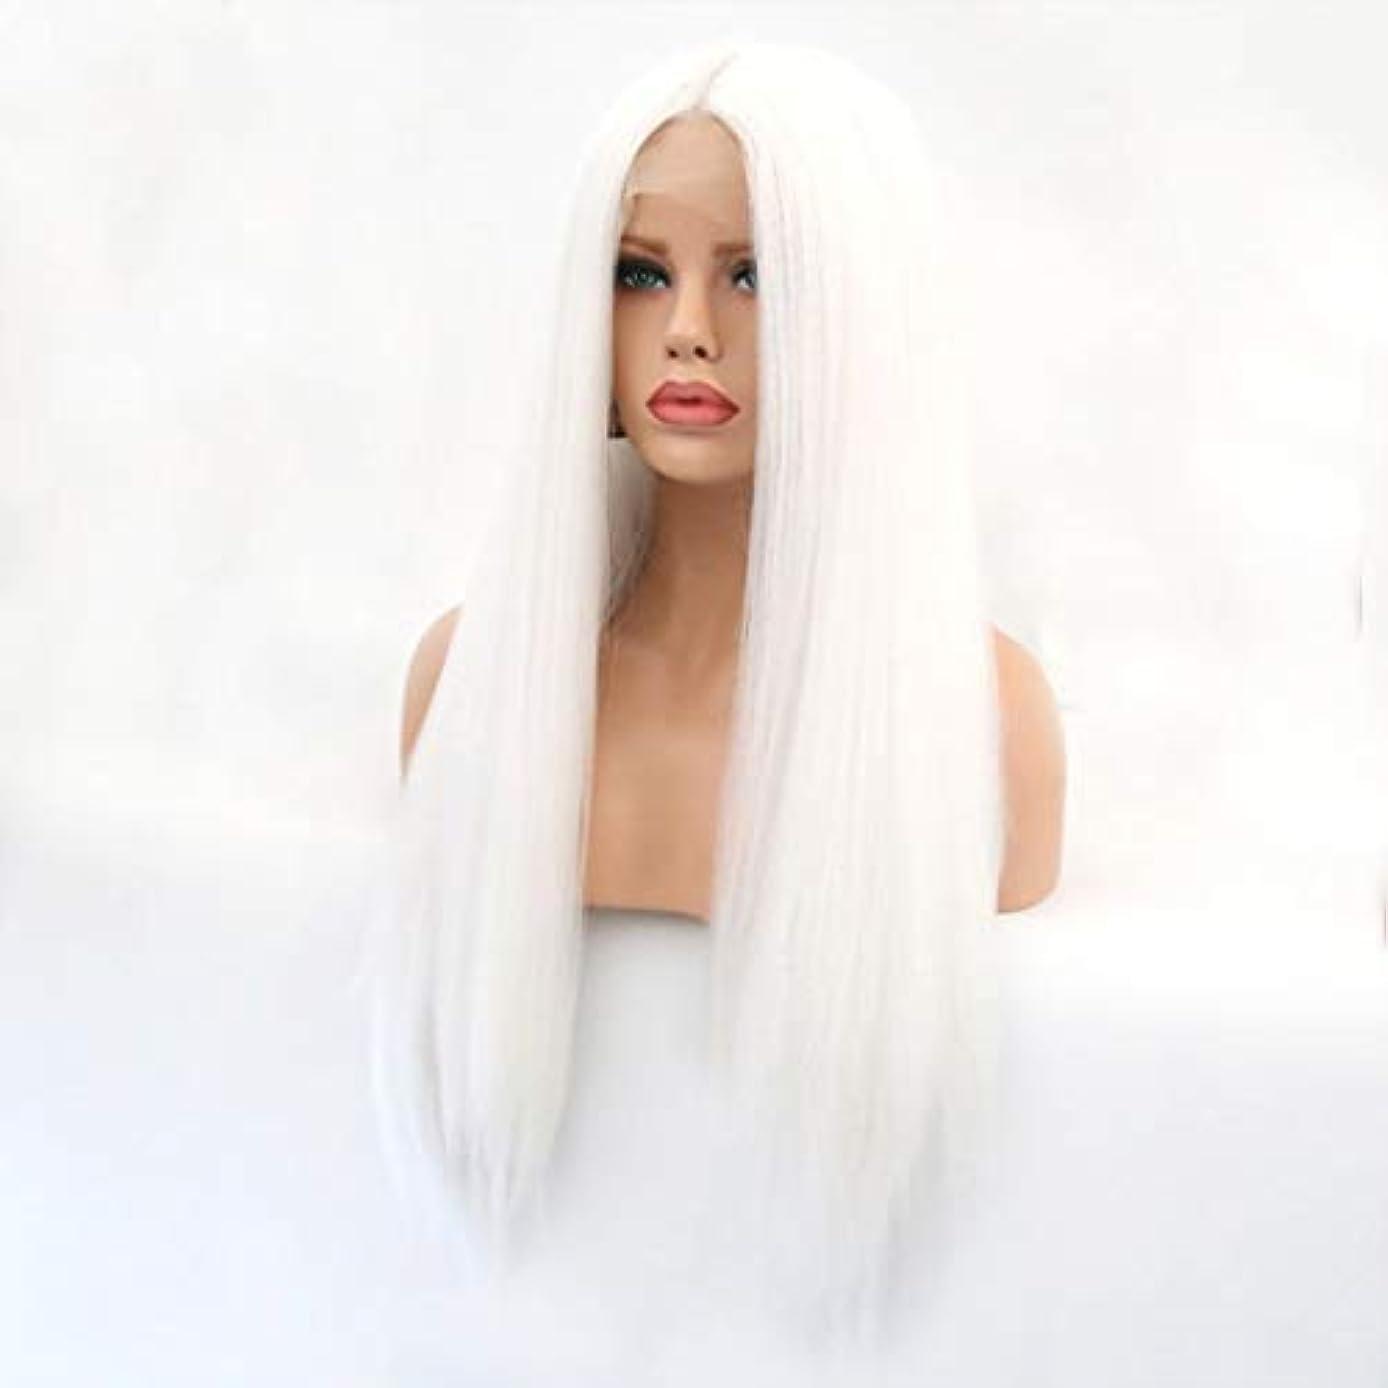 散らす偽追記Kerwinner 本物の髪として自然な女性のためのフロントレースホワイトかつらロングストレートヘア